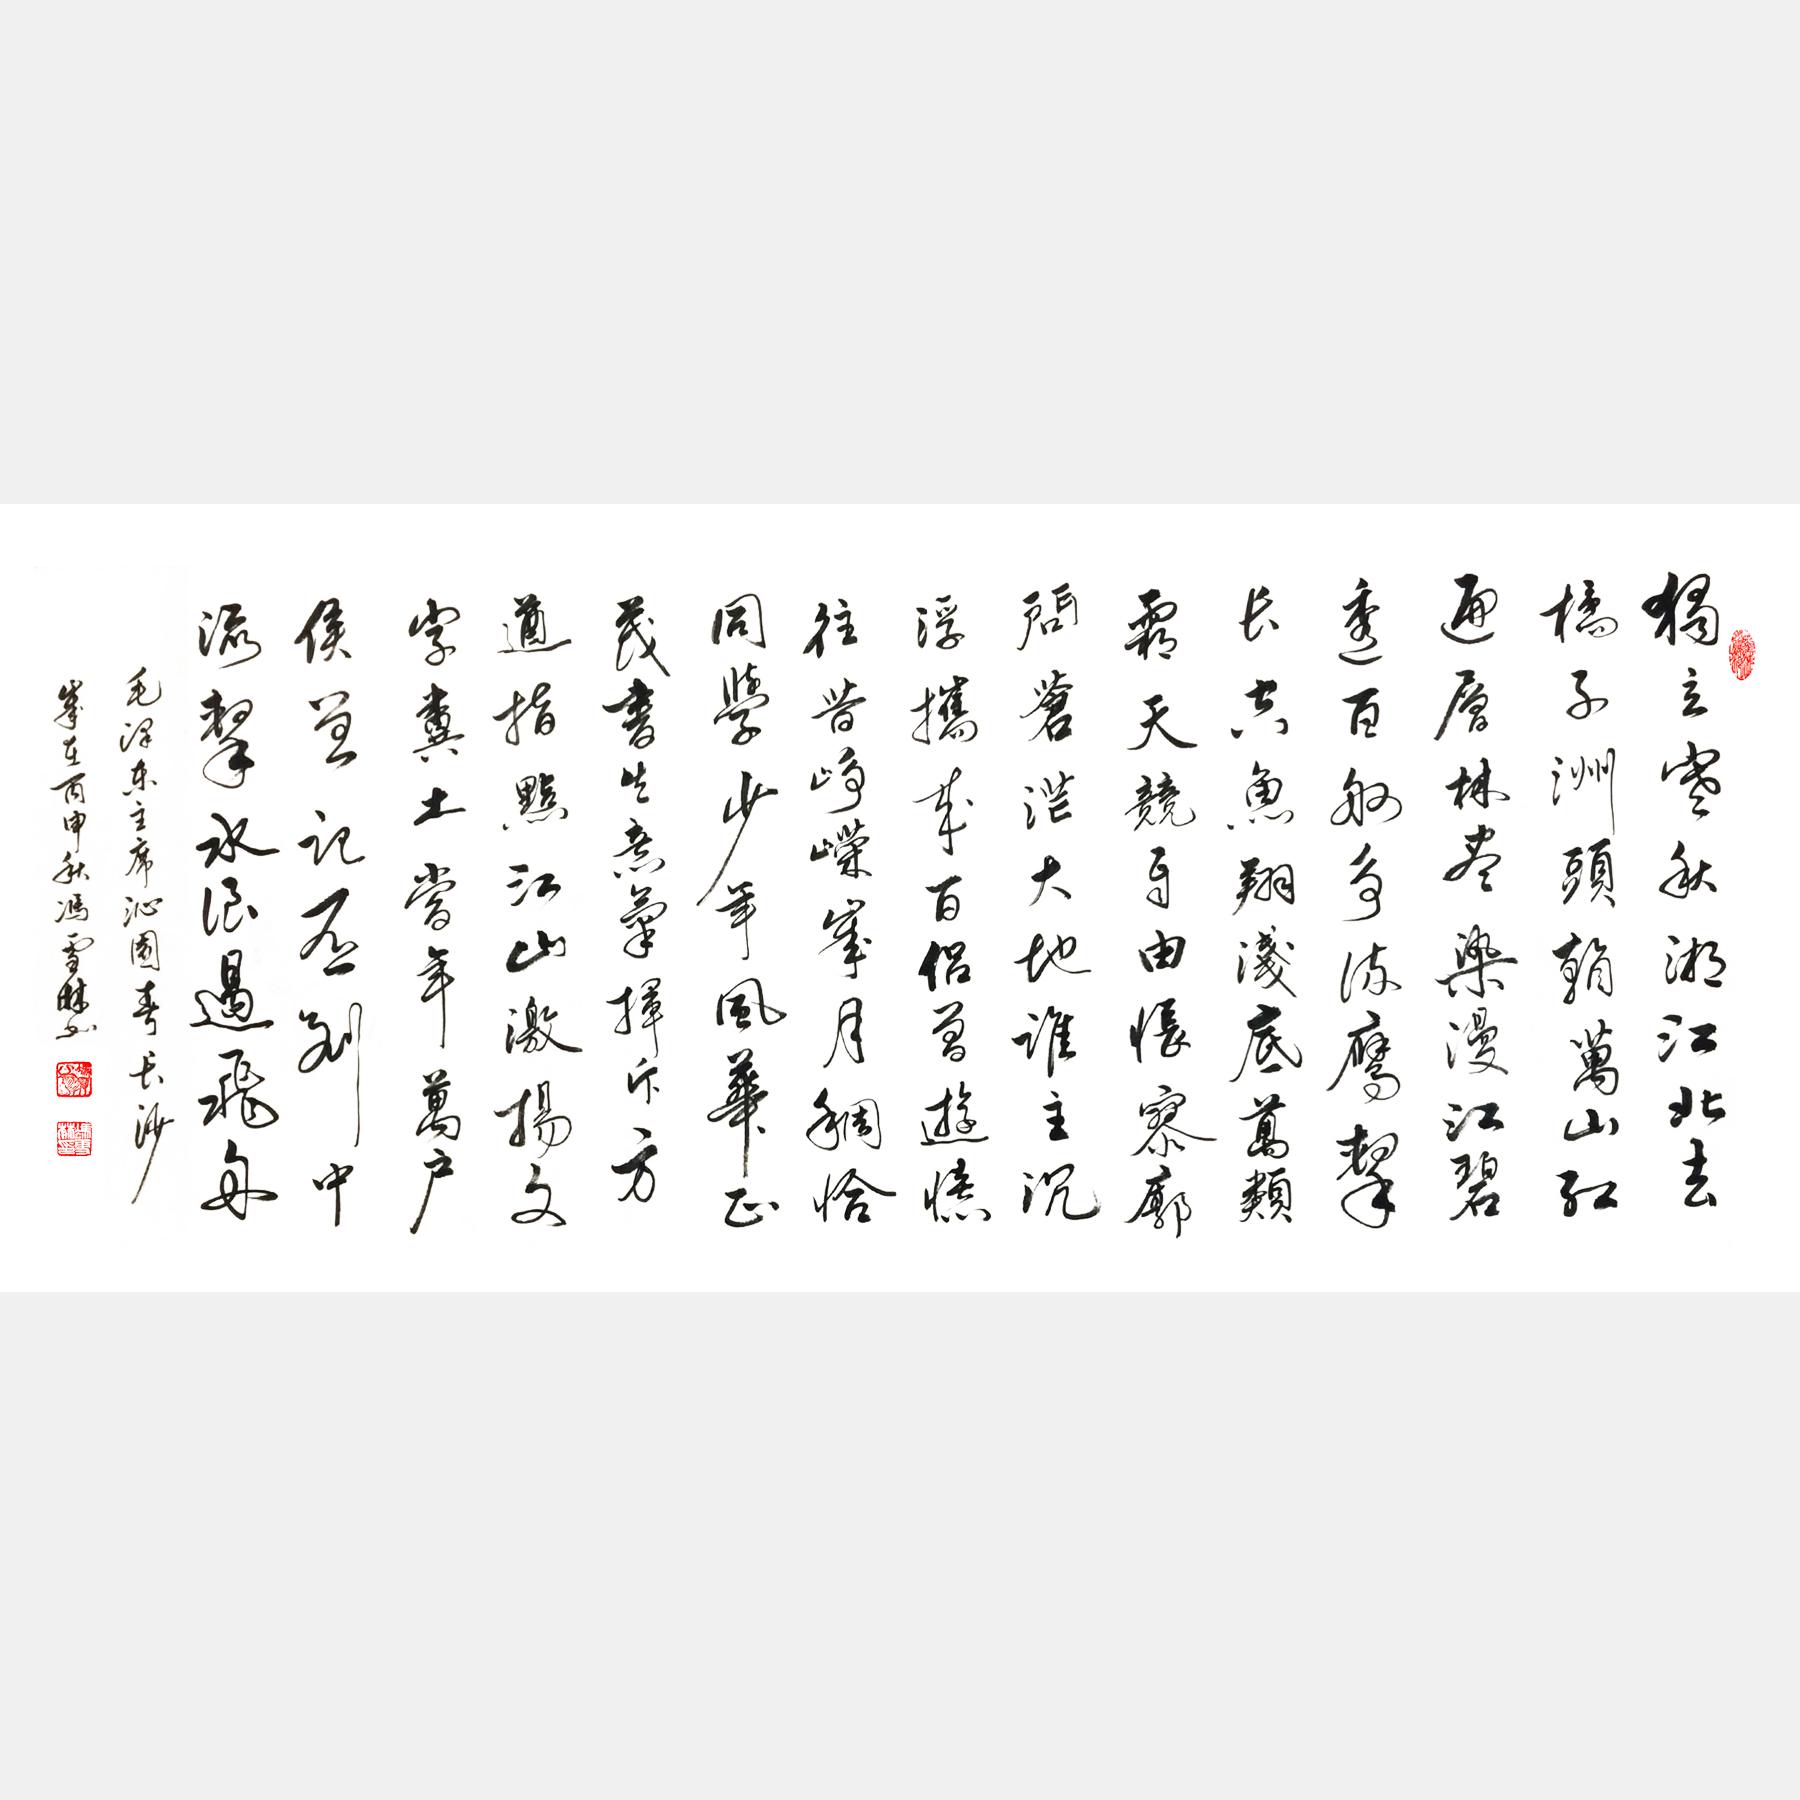 毛主席著名词《沁园春・长沙》行草书法作品